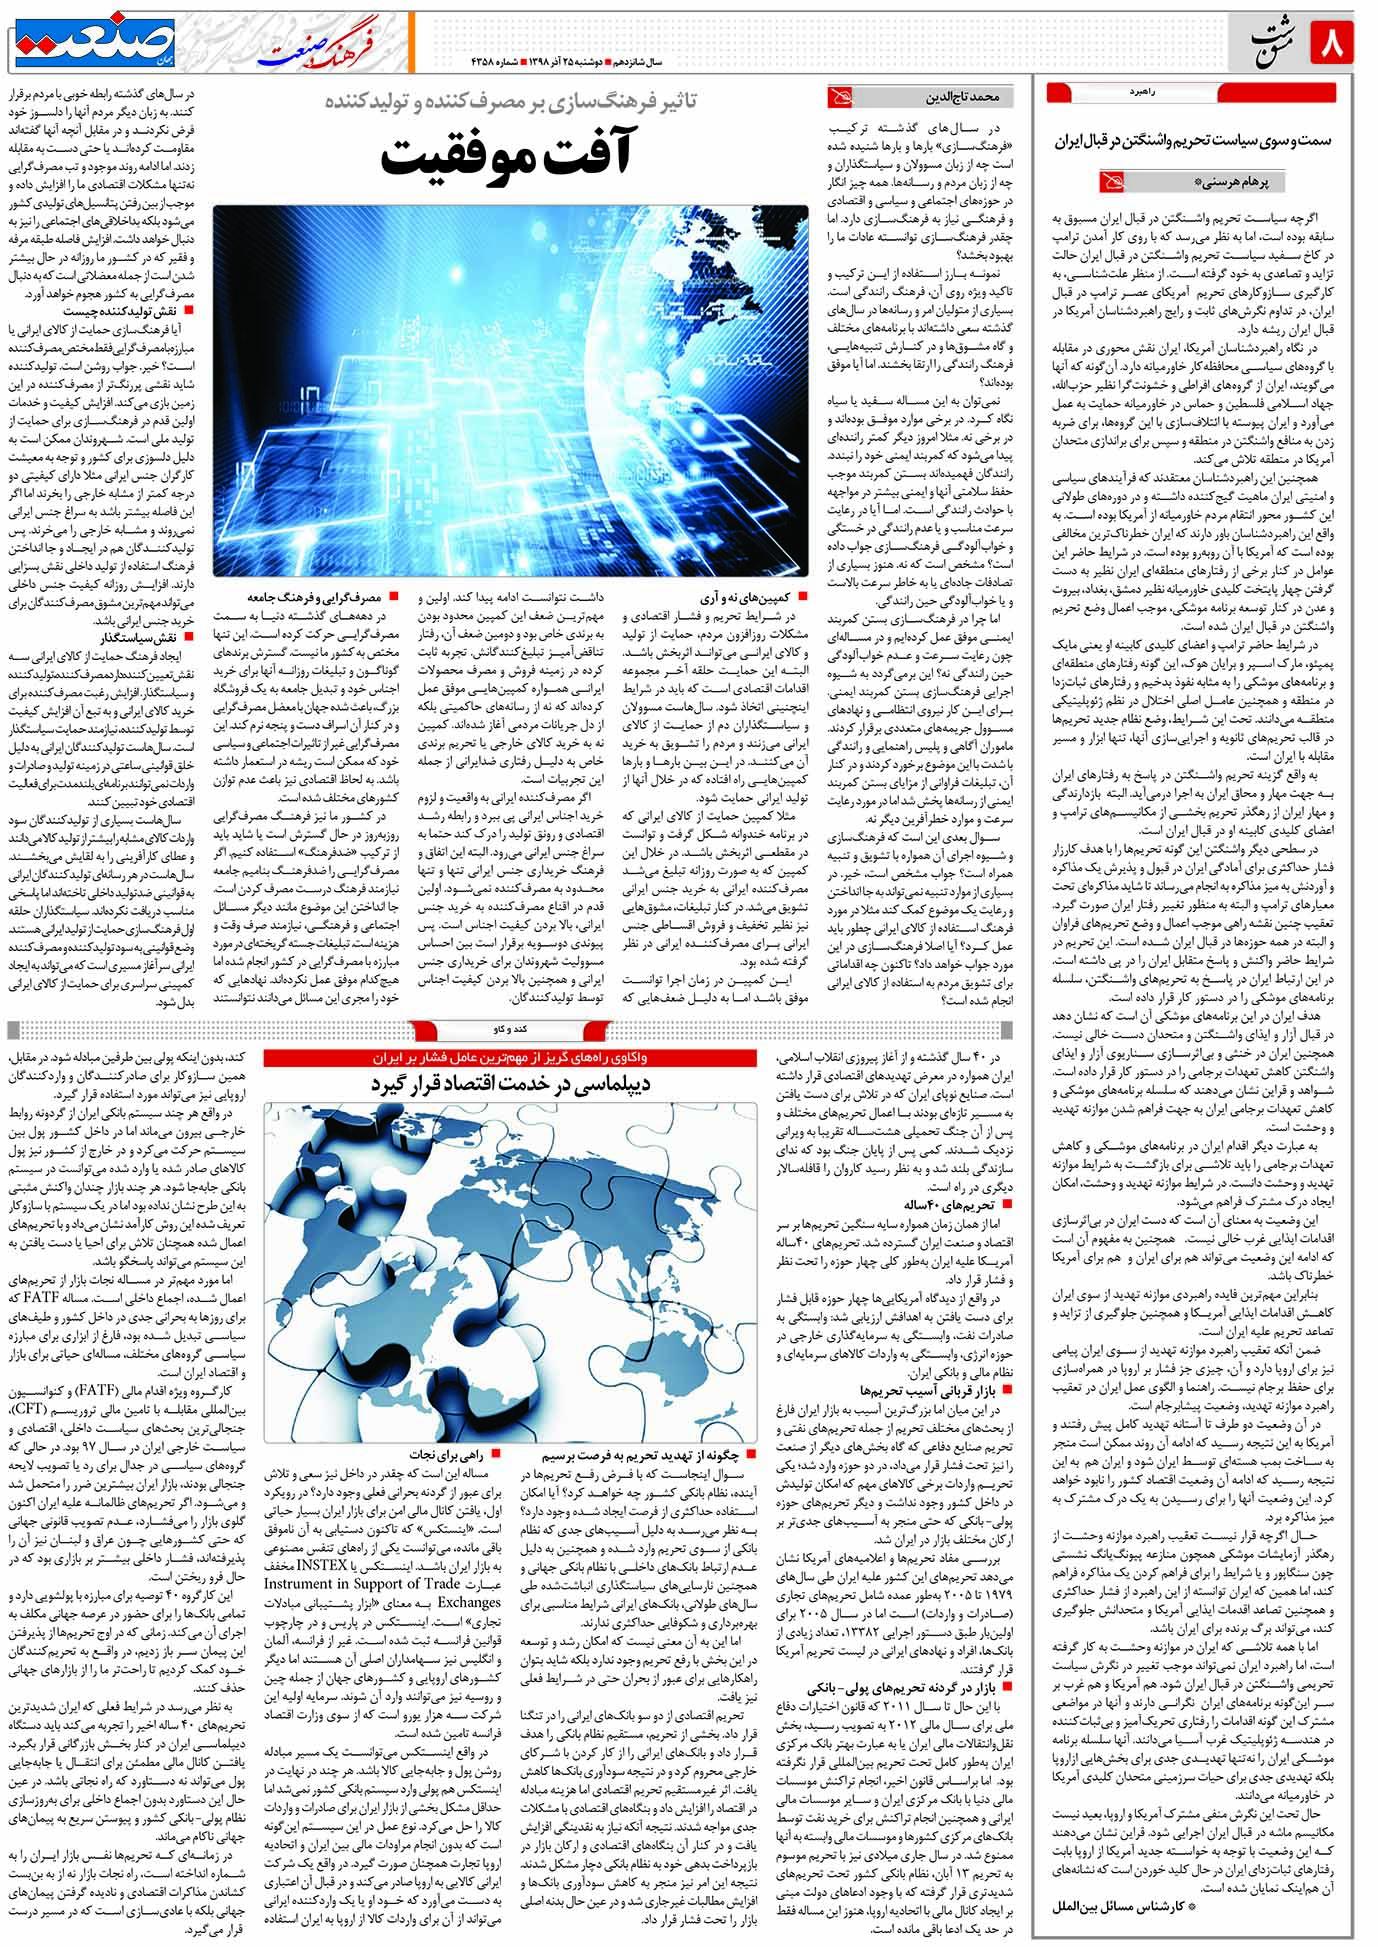 صفحه ۰۸- ۲۵ آذر ۱۳۹۸ – صفحه ۲ ویژه فرهنگ و صنعت – ۲۵ آذر ۱۳۹۸